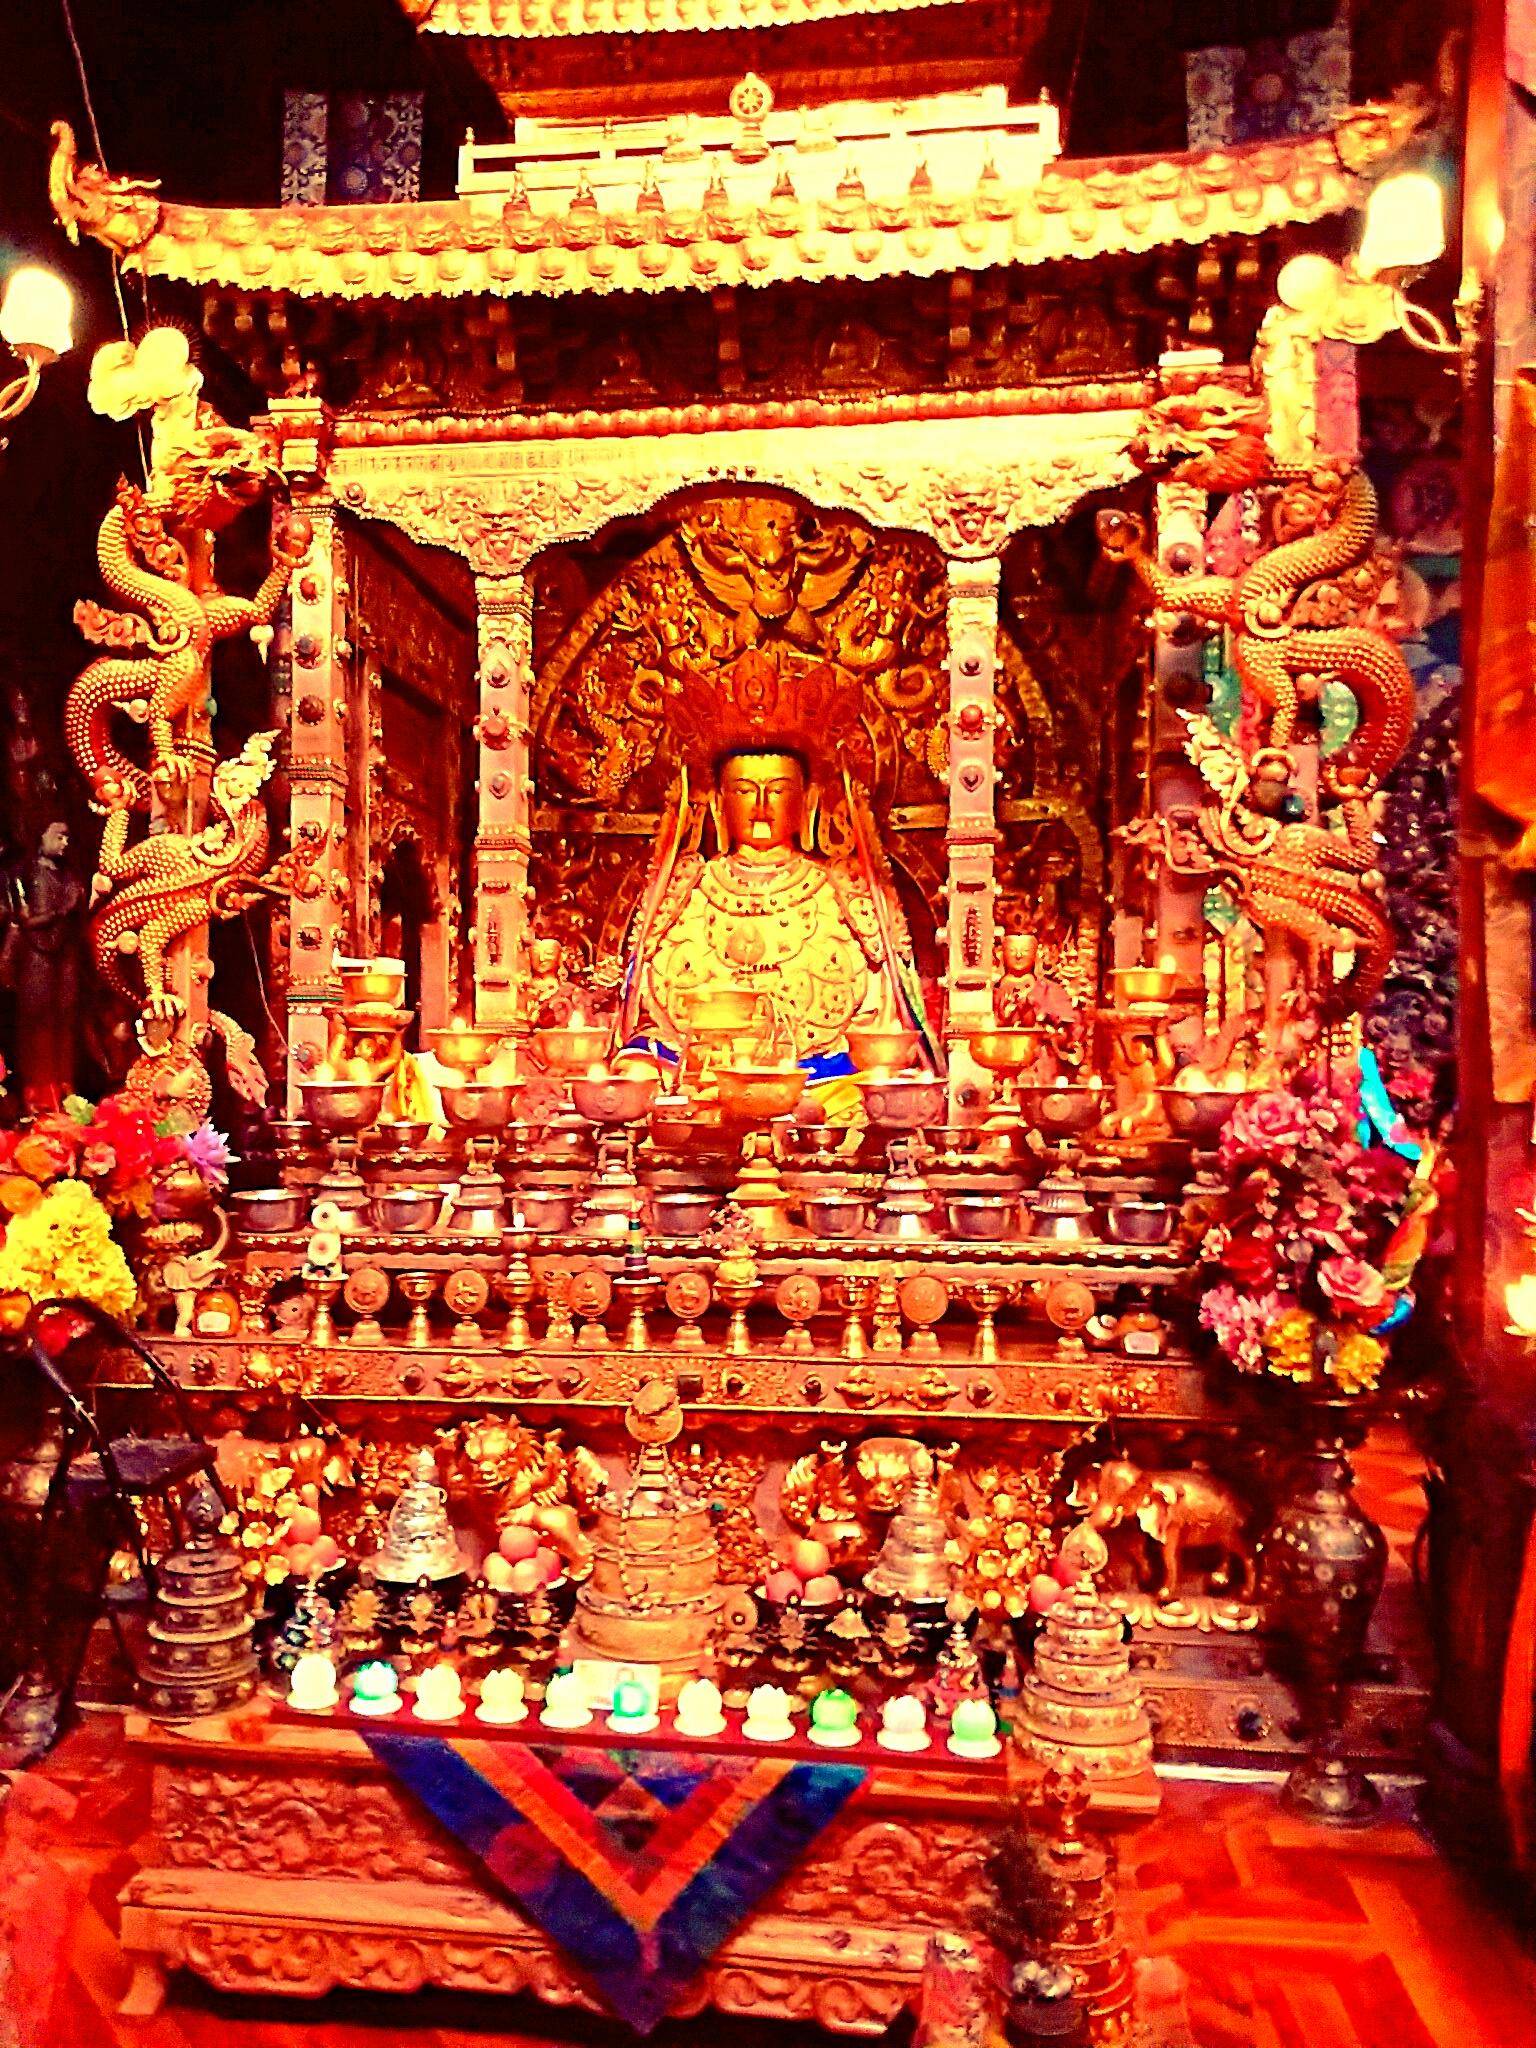 隠れたチベット美術スポット『東チベット・ラガンにある曼荼羅世界』